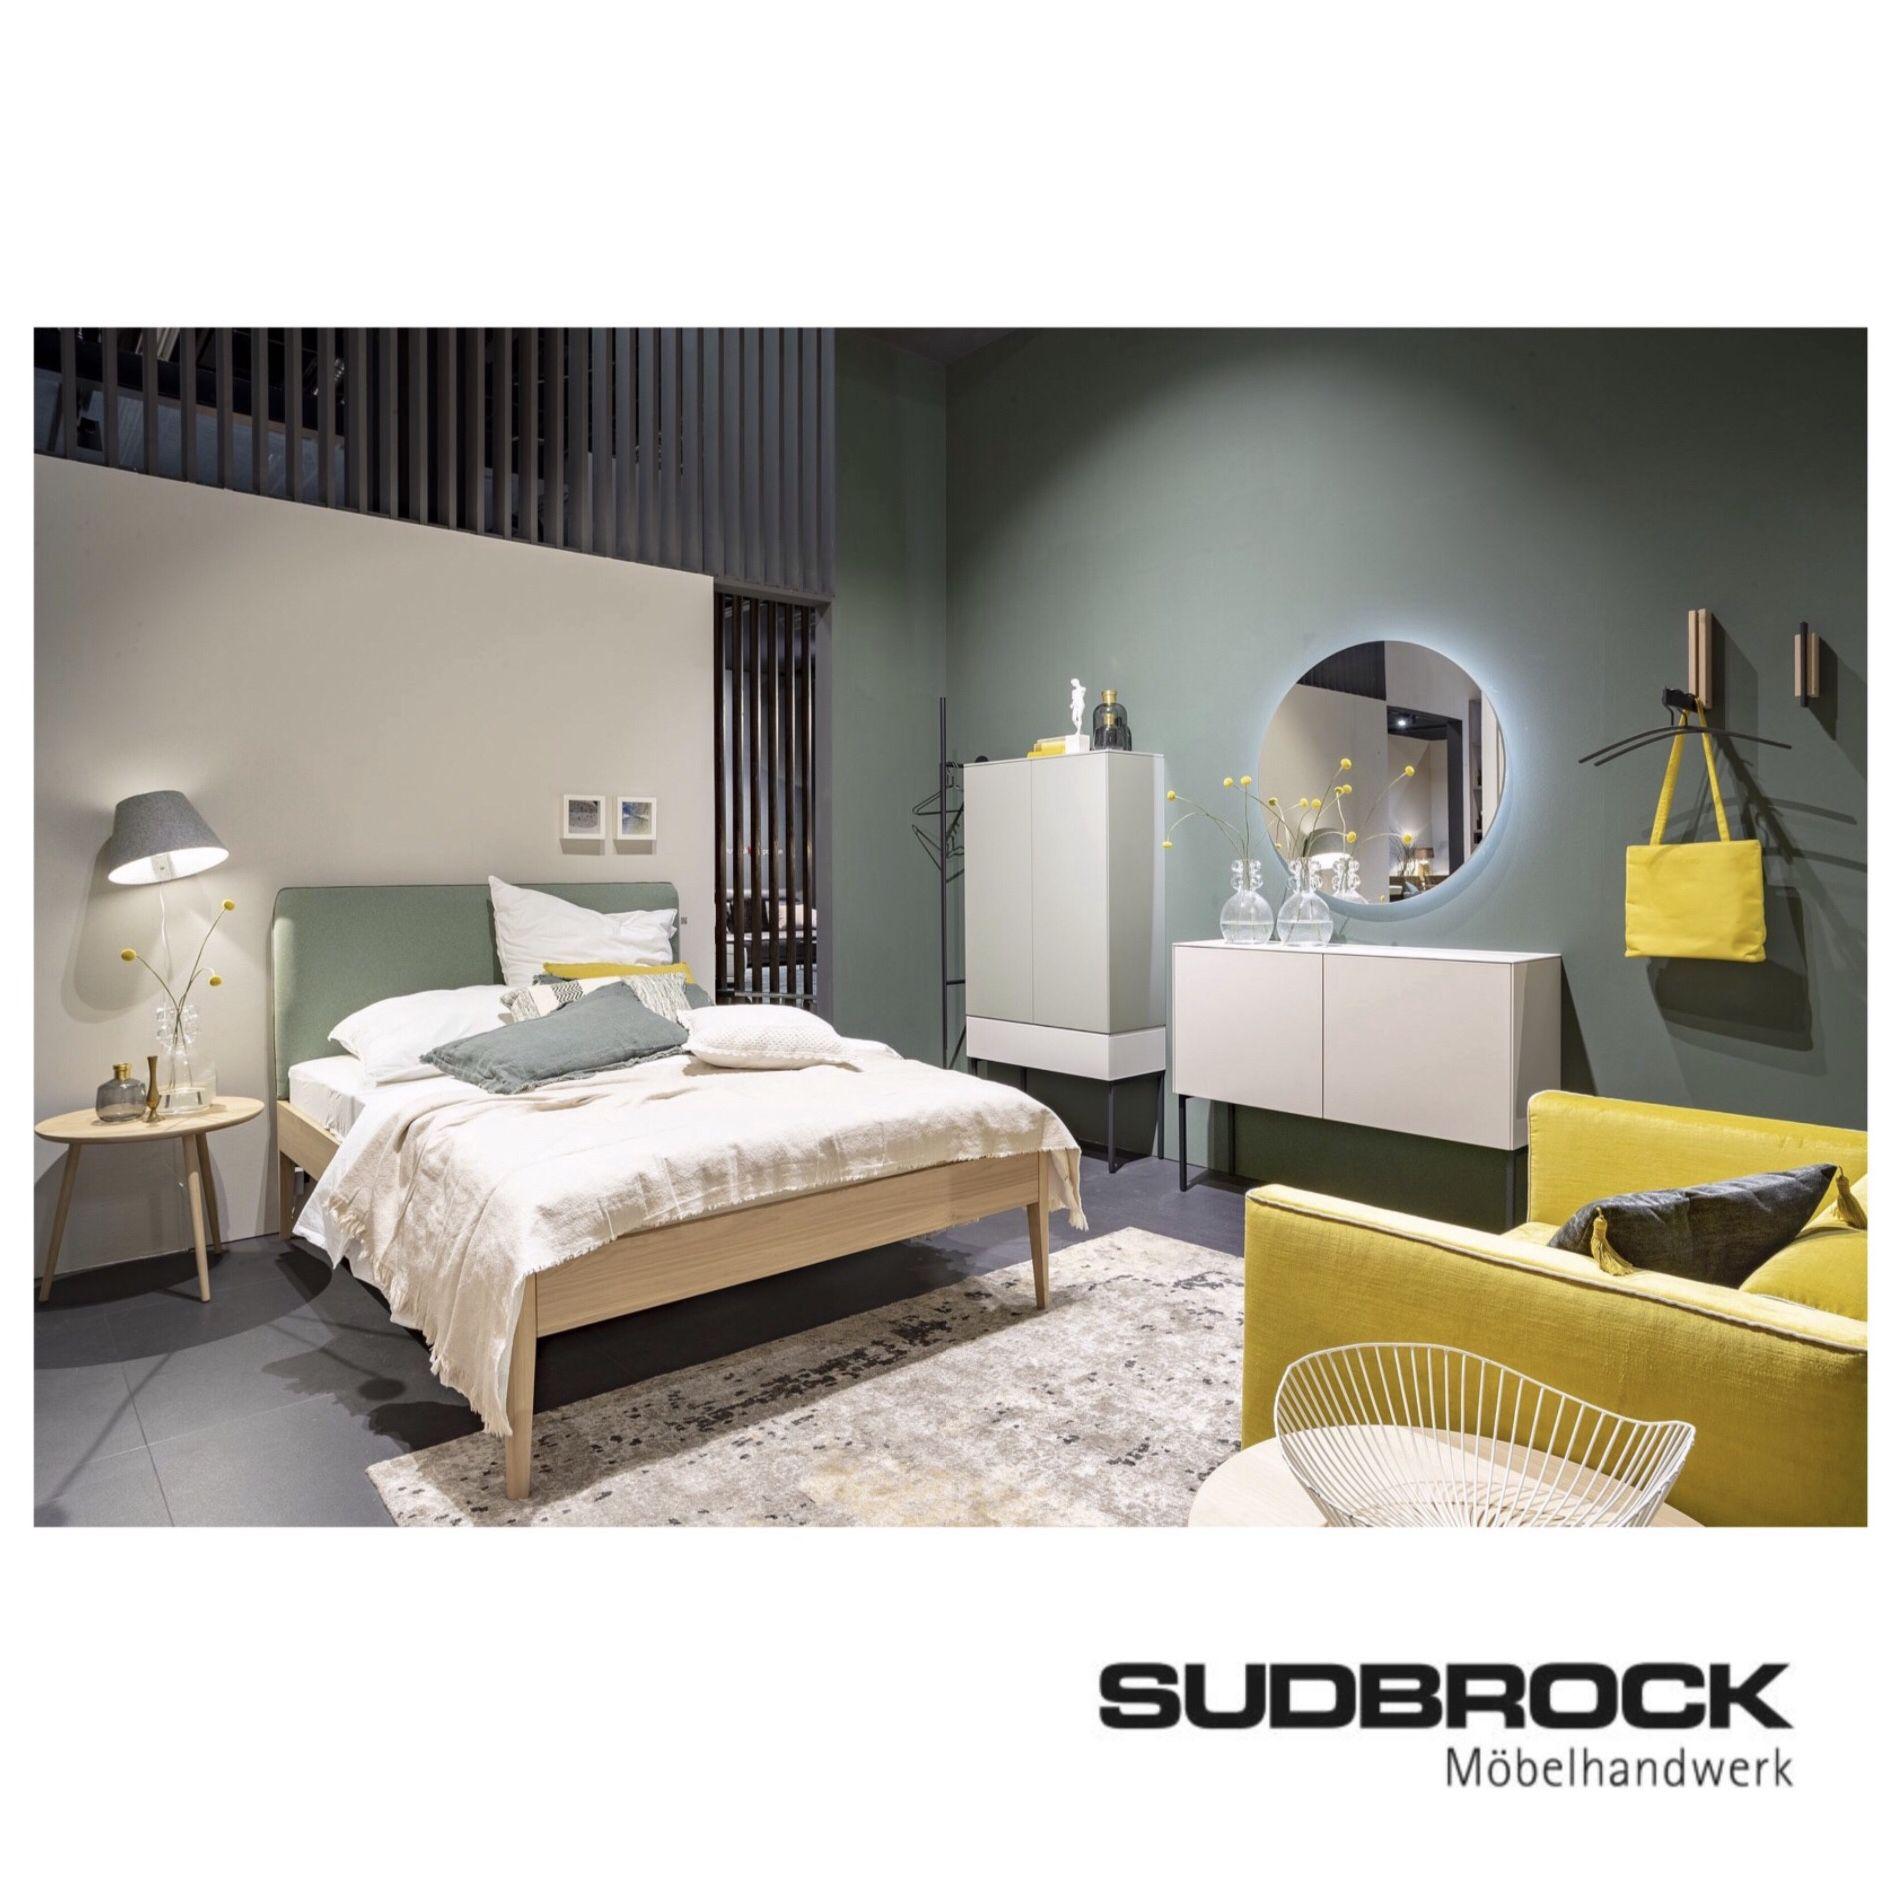 Schlafzimmer Einrichtung Ideen Möbel Sudbrock imm cologne